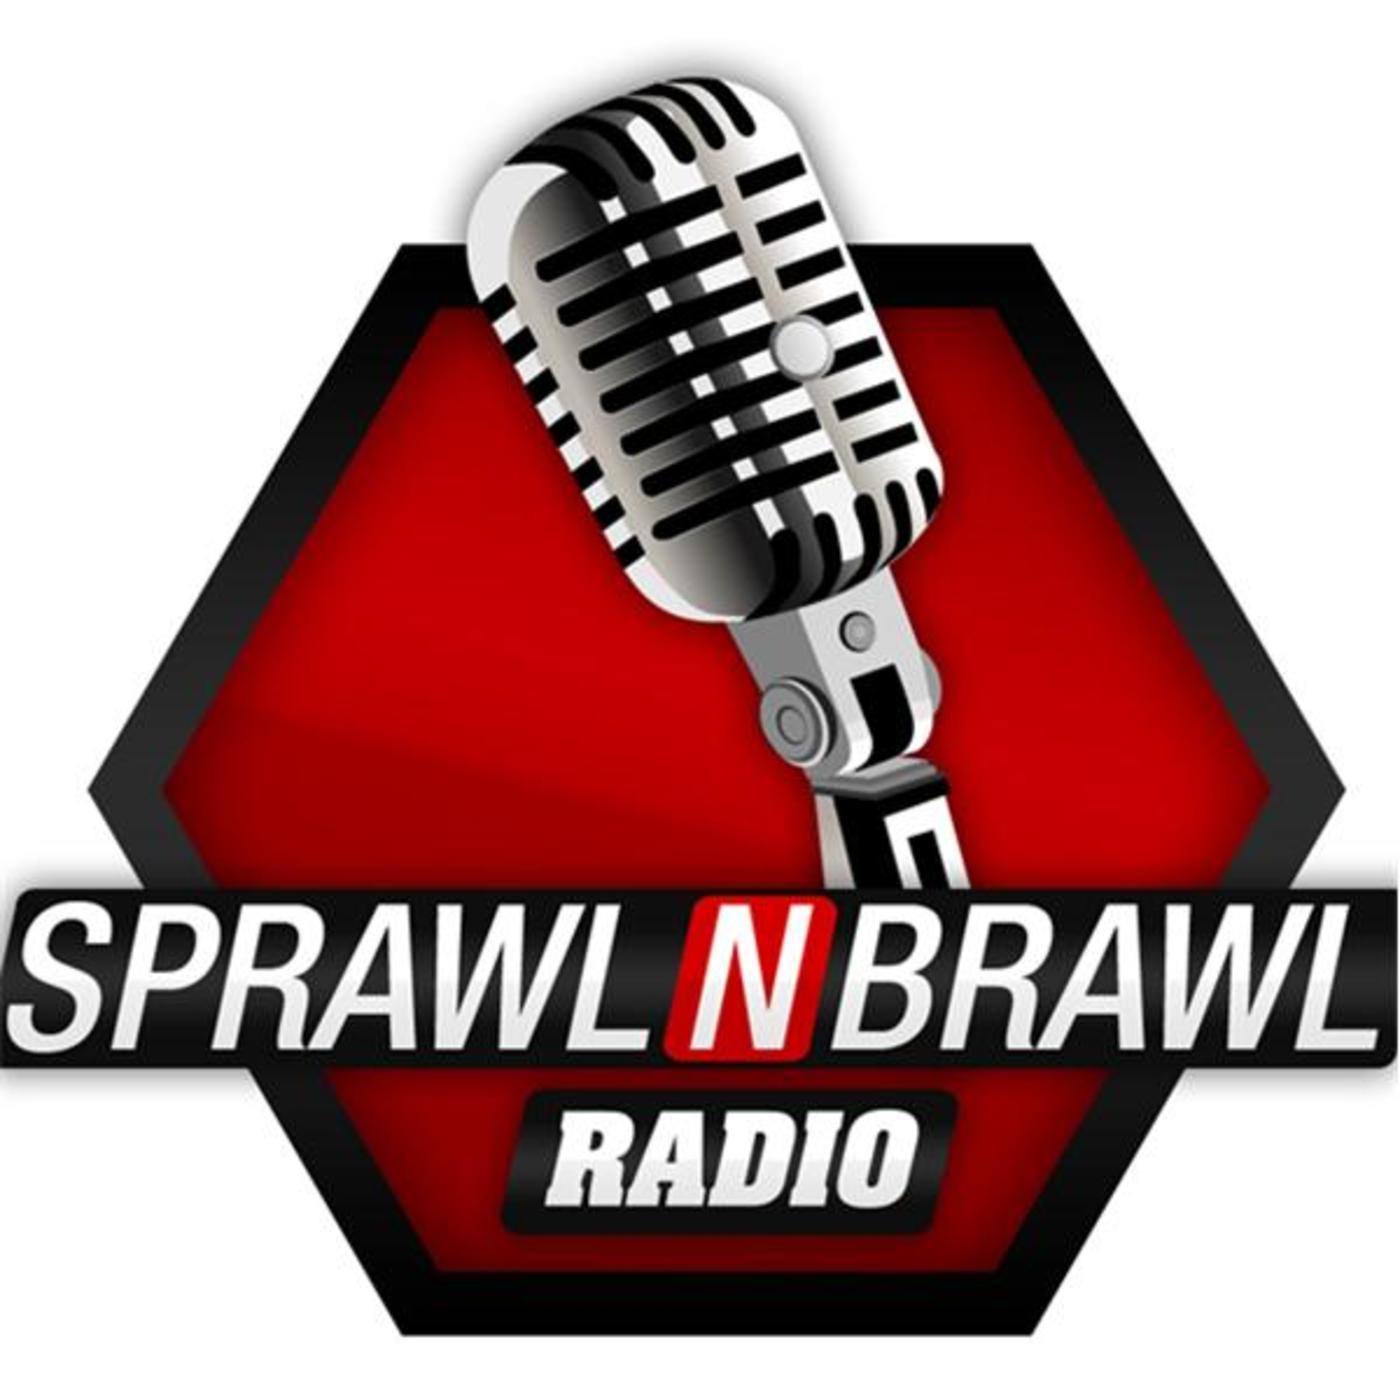 Sprawl-N-Brawl Radio